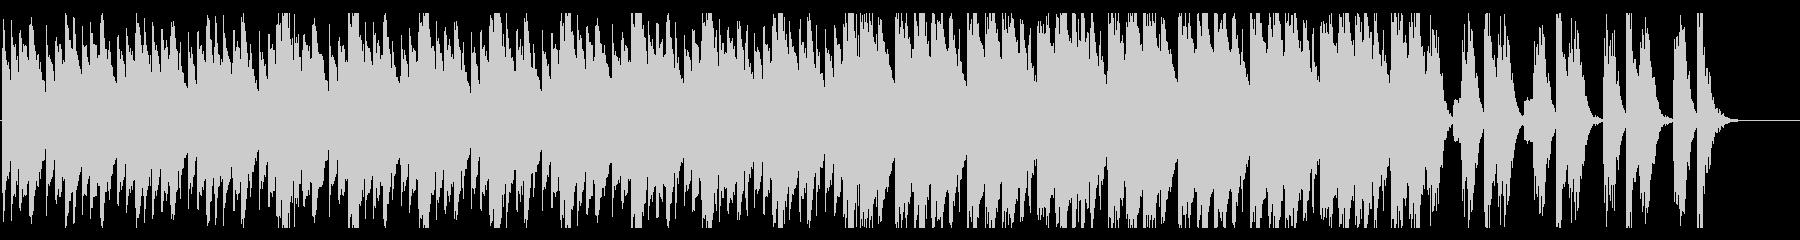 奇妙なピアノ【不思議】の未再生の波形